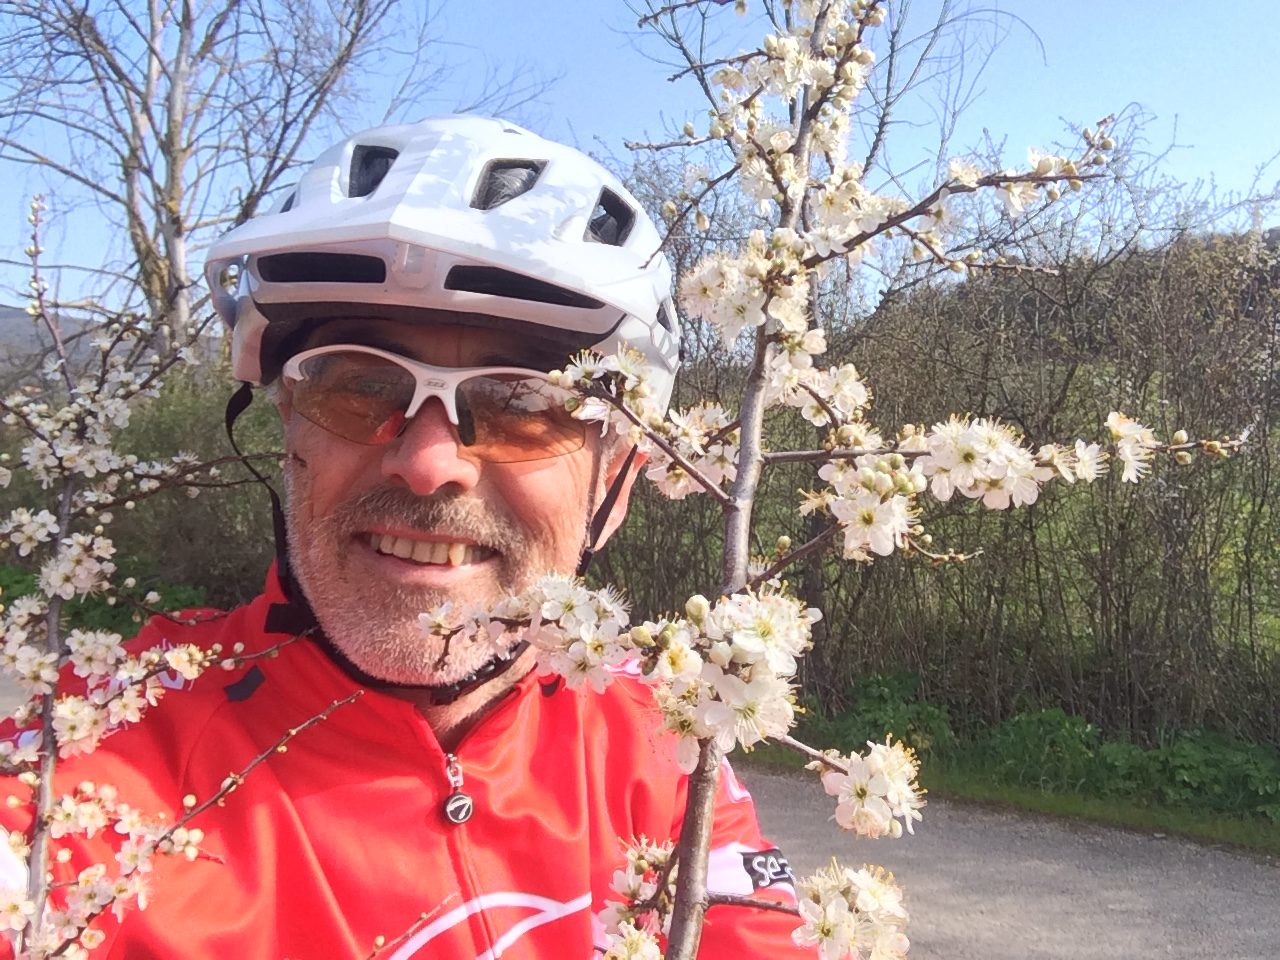 dem Flühling entgegen- immer aufs neue...